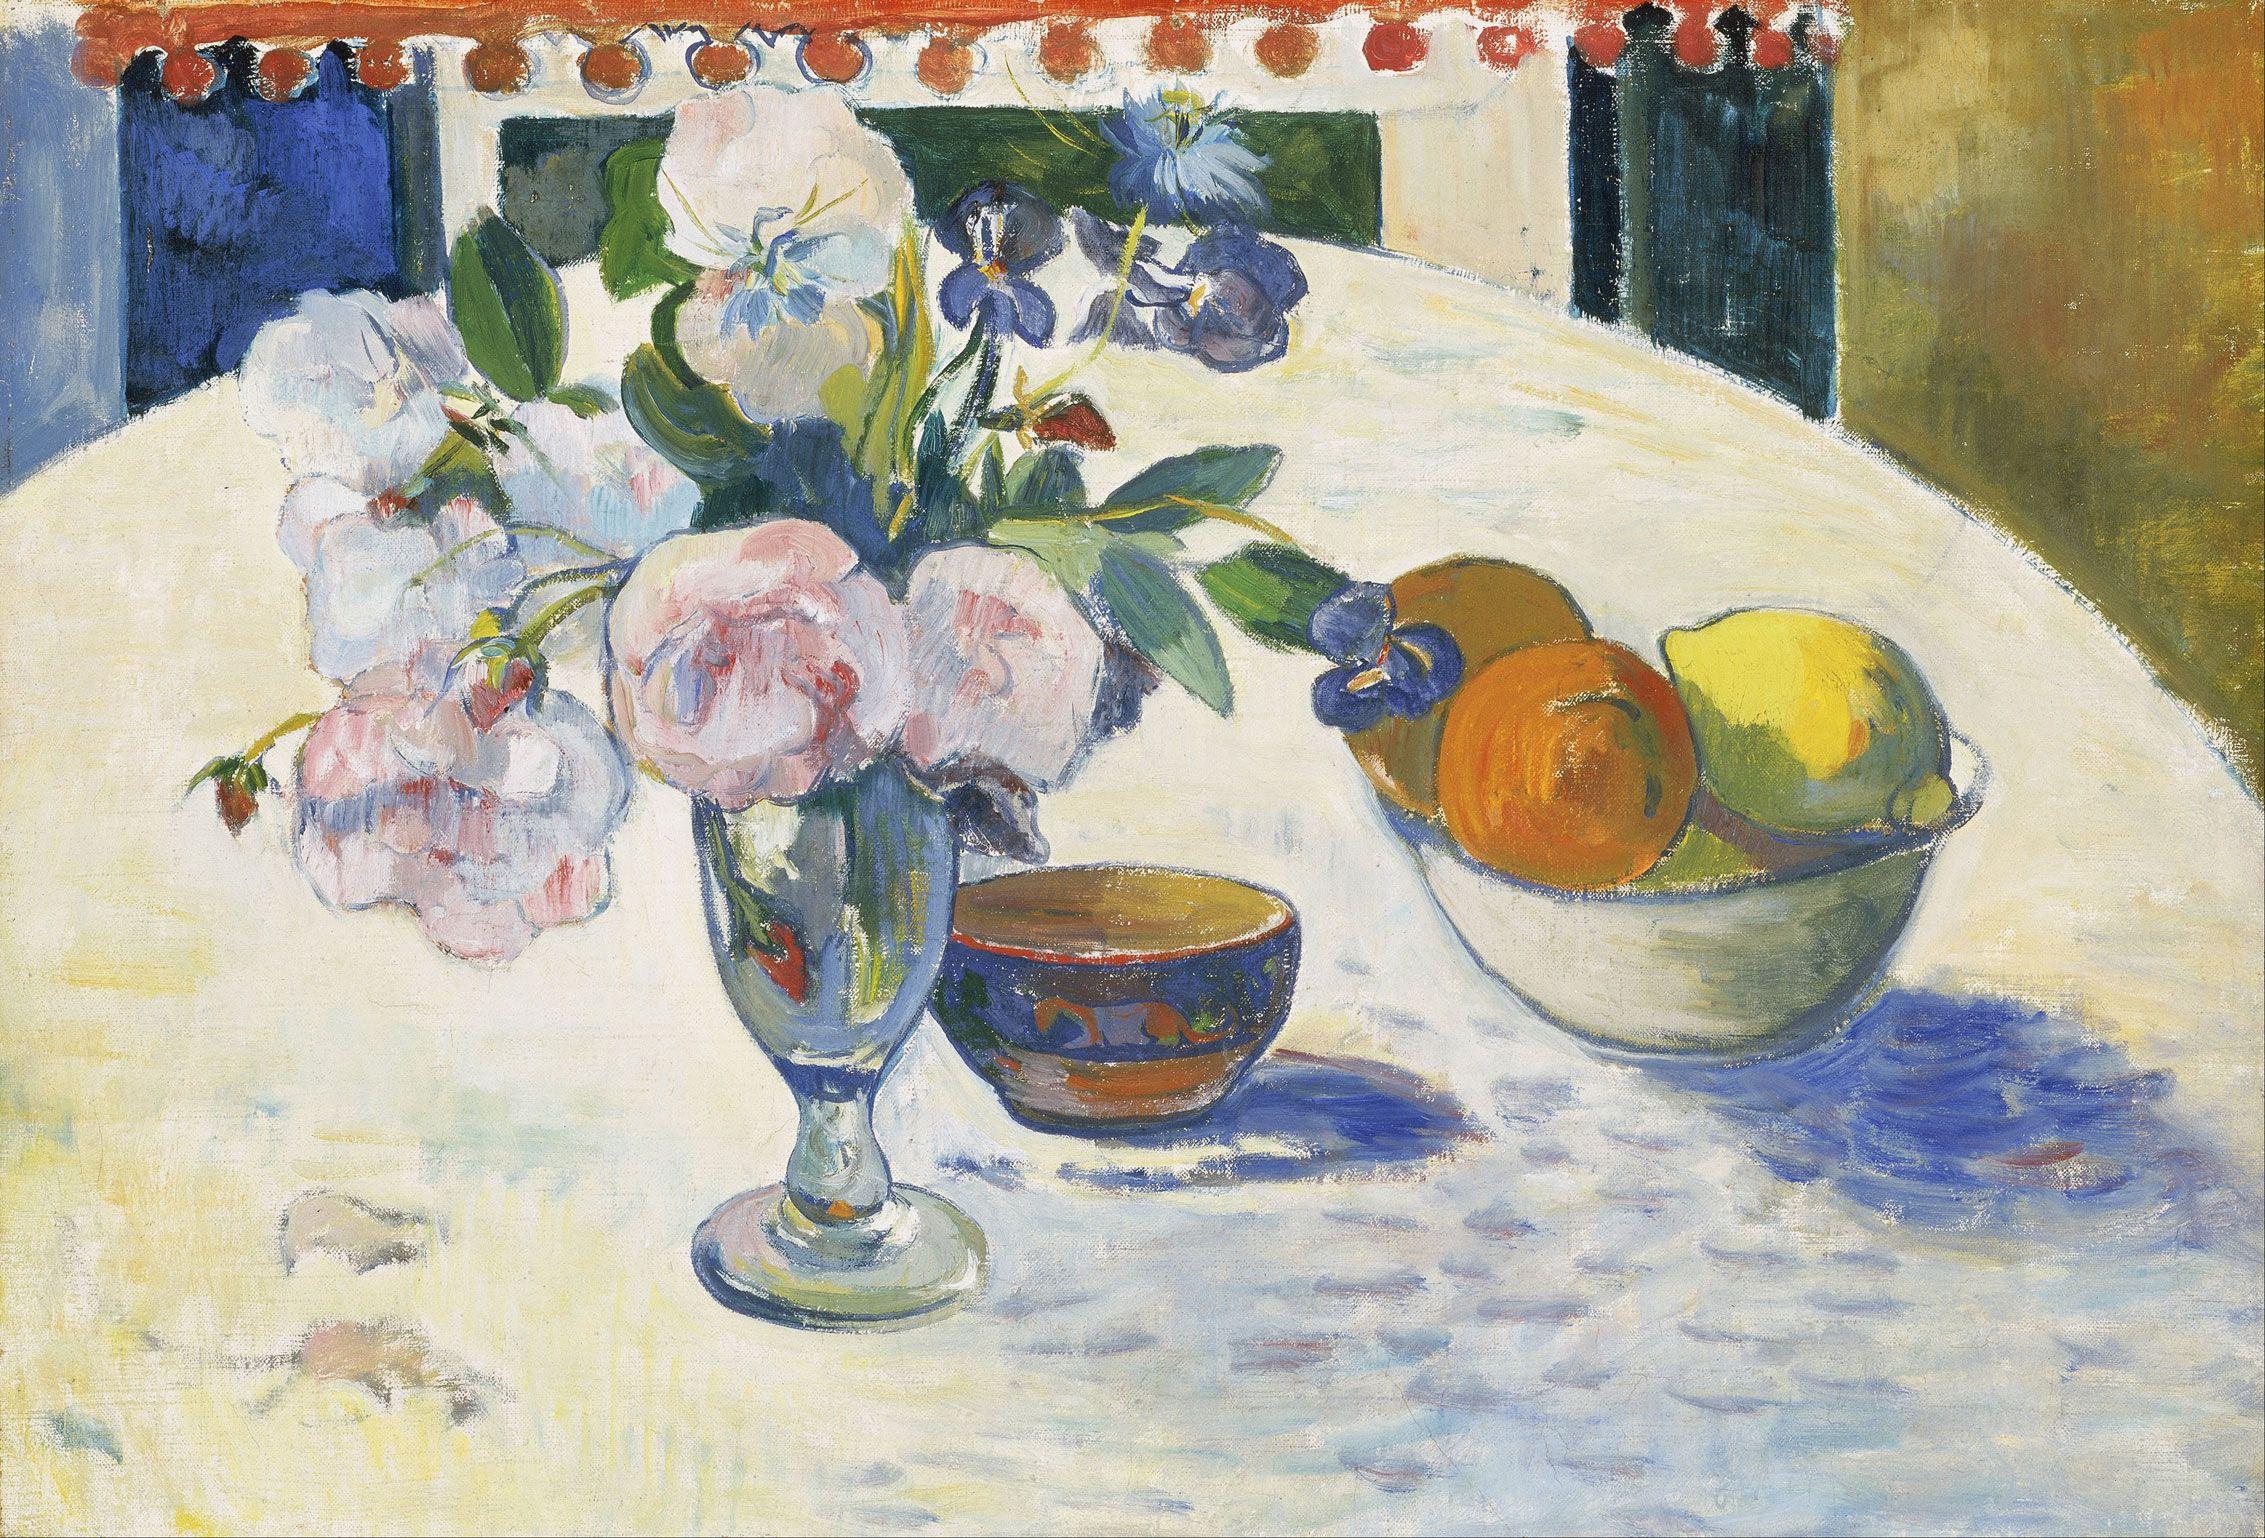 картина натюрморт  < Цветы и корзина с фруктами > :: Поль Гоген - Гоген Поль ( Paul Gauguin ) фото